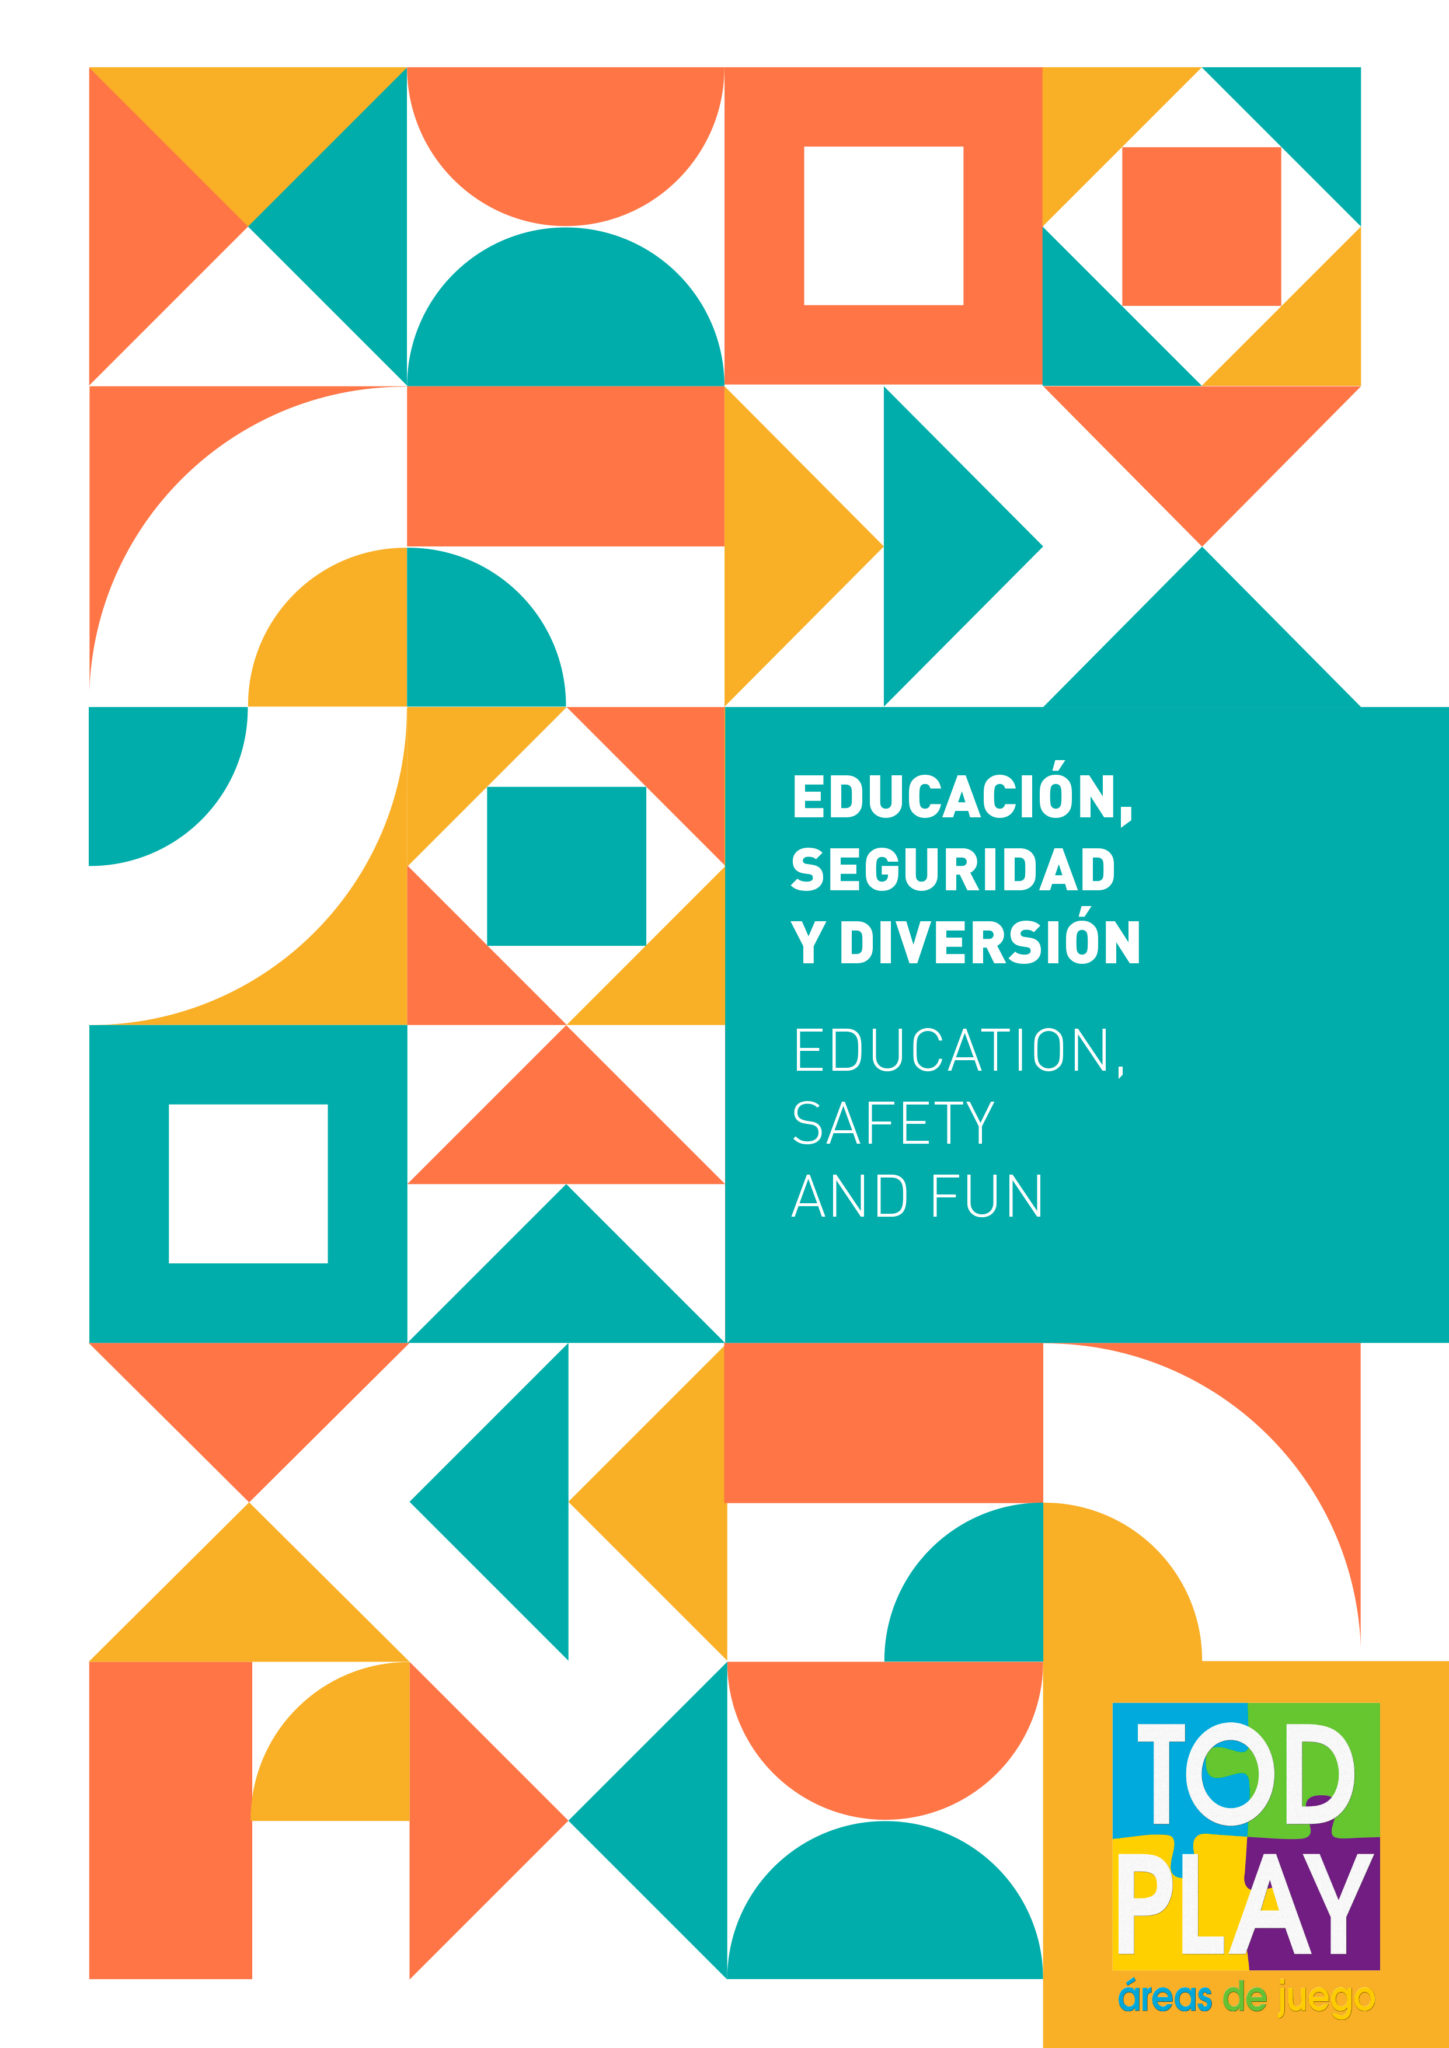 Educación-seguridad-y-diversión